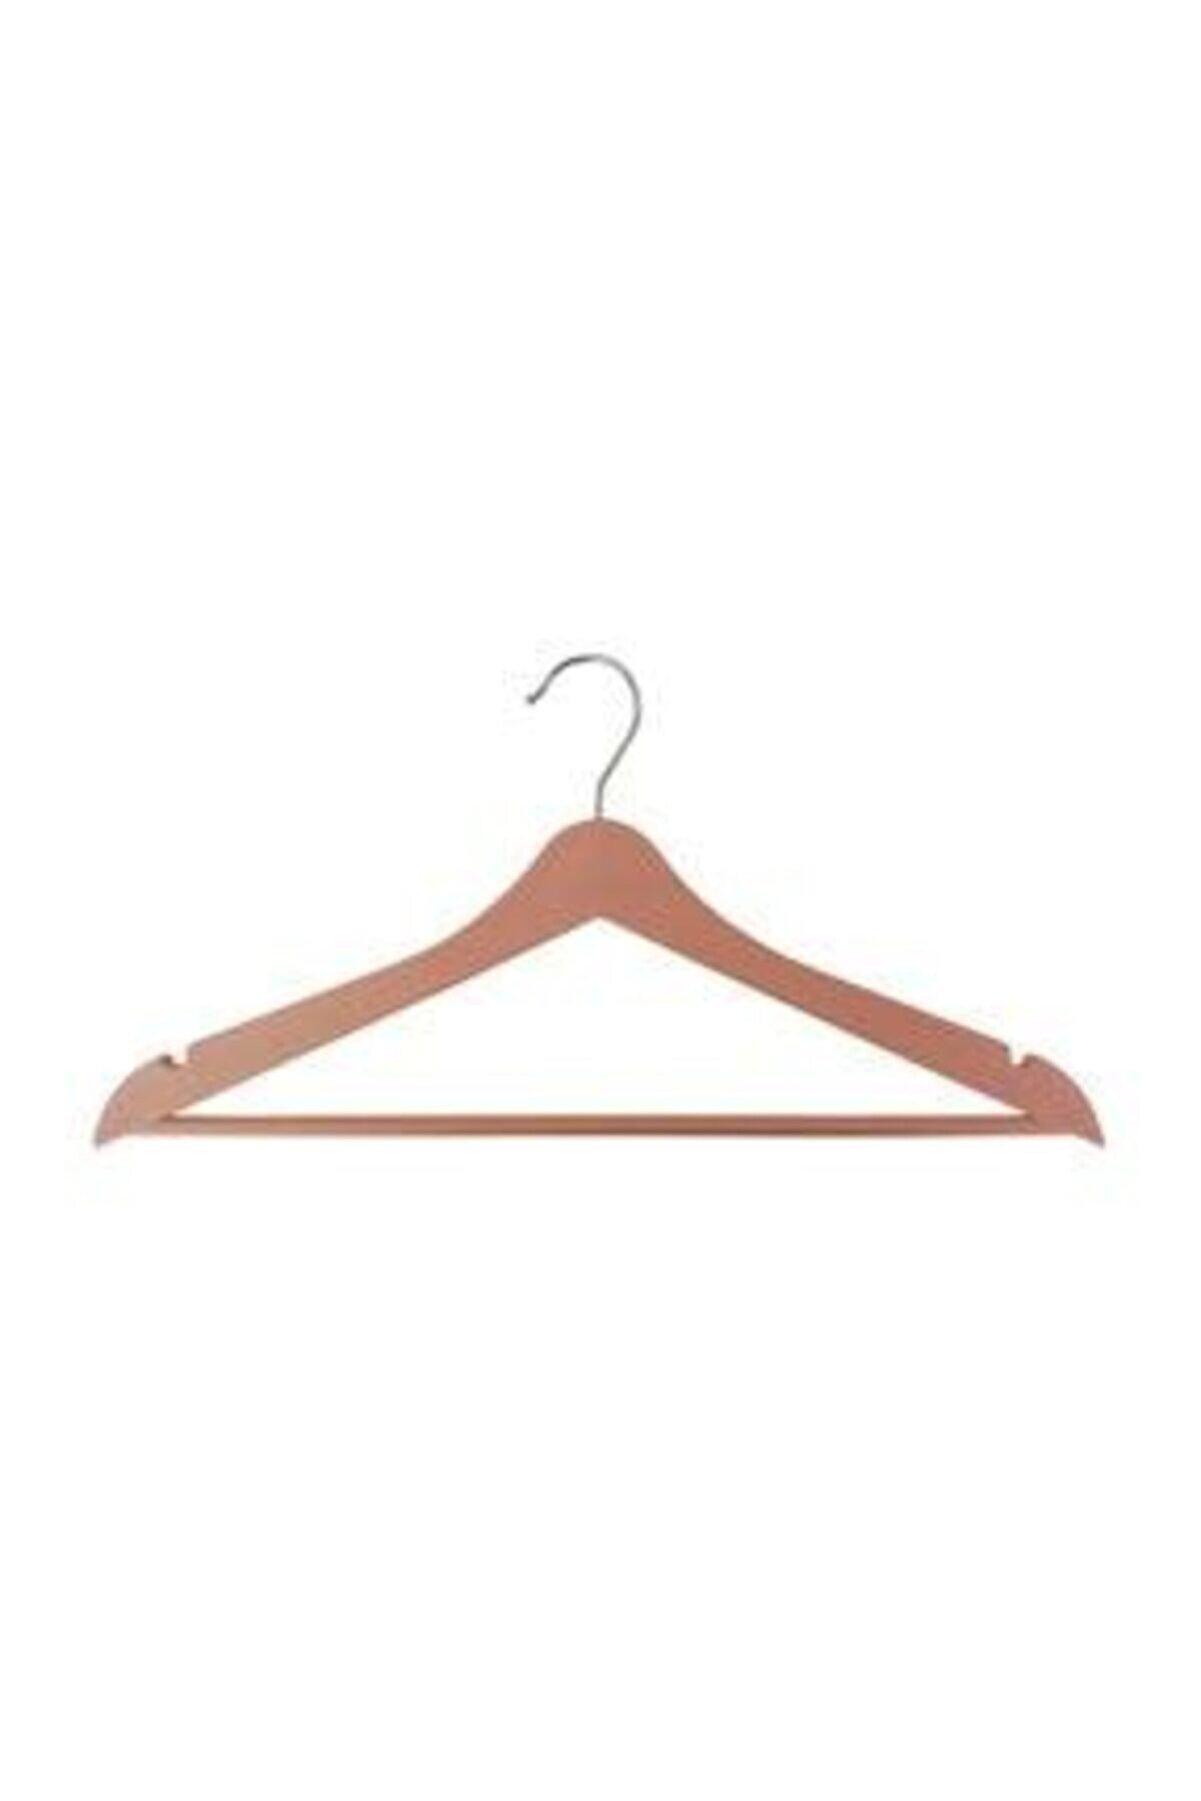 BALSA Ahşap Askı Kıyafet Ve Elbise Askısı 3 Adedi